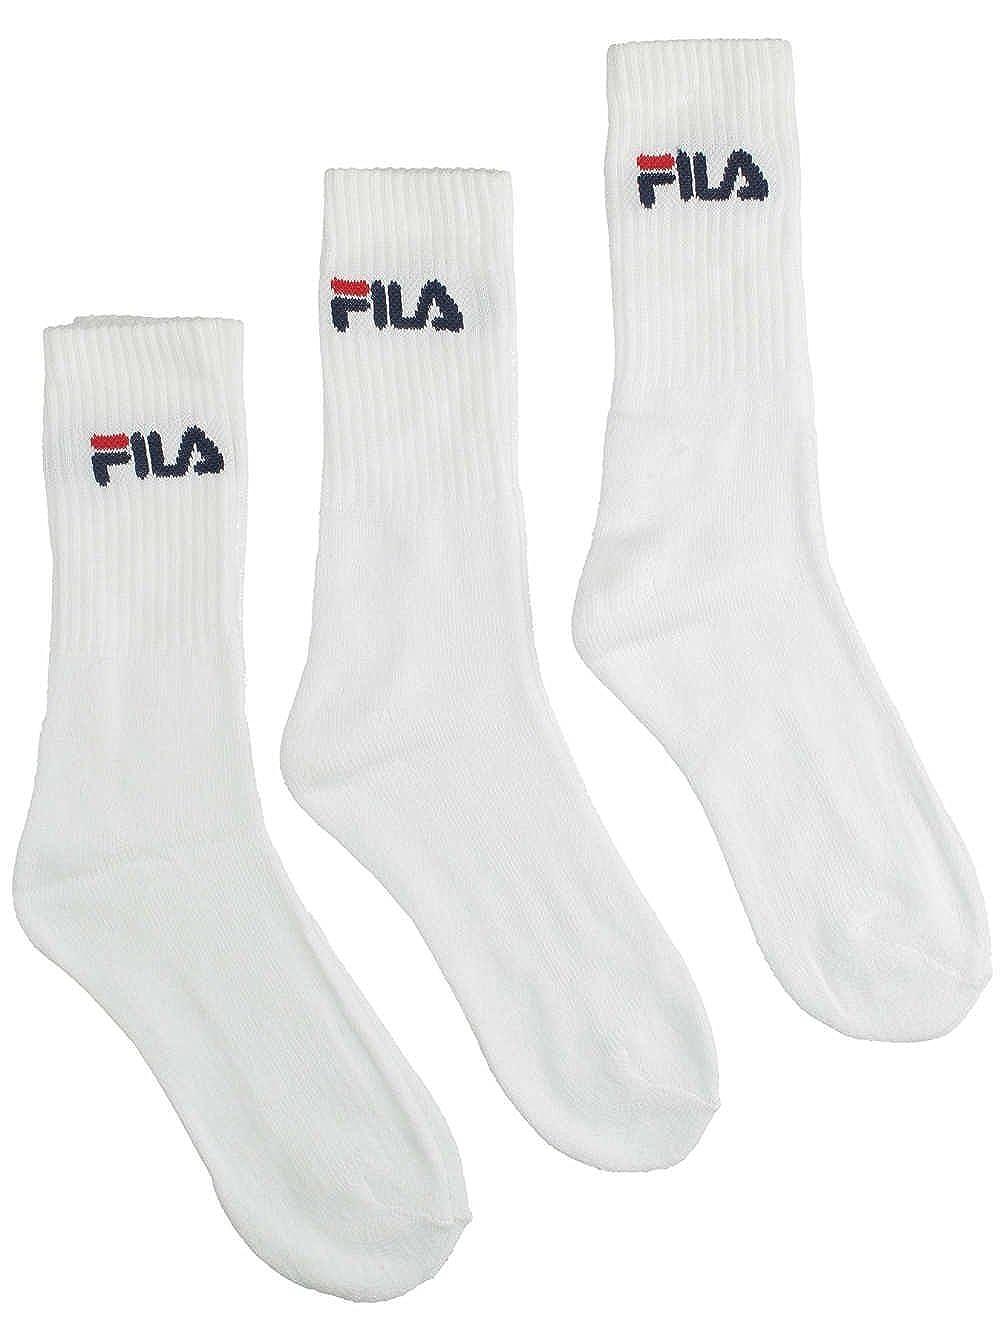 FILA 3 paia di calzini, calze da tennis in spugna con colletto con logo, unisex: Colour: White | Size: 3-5 UK 3013038